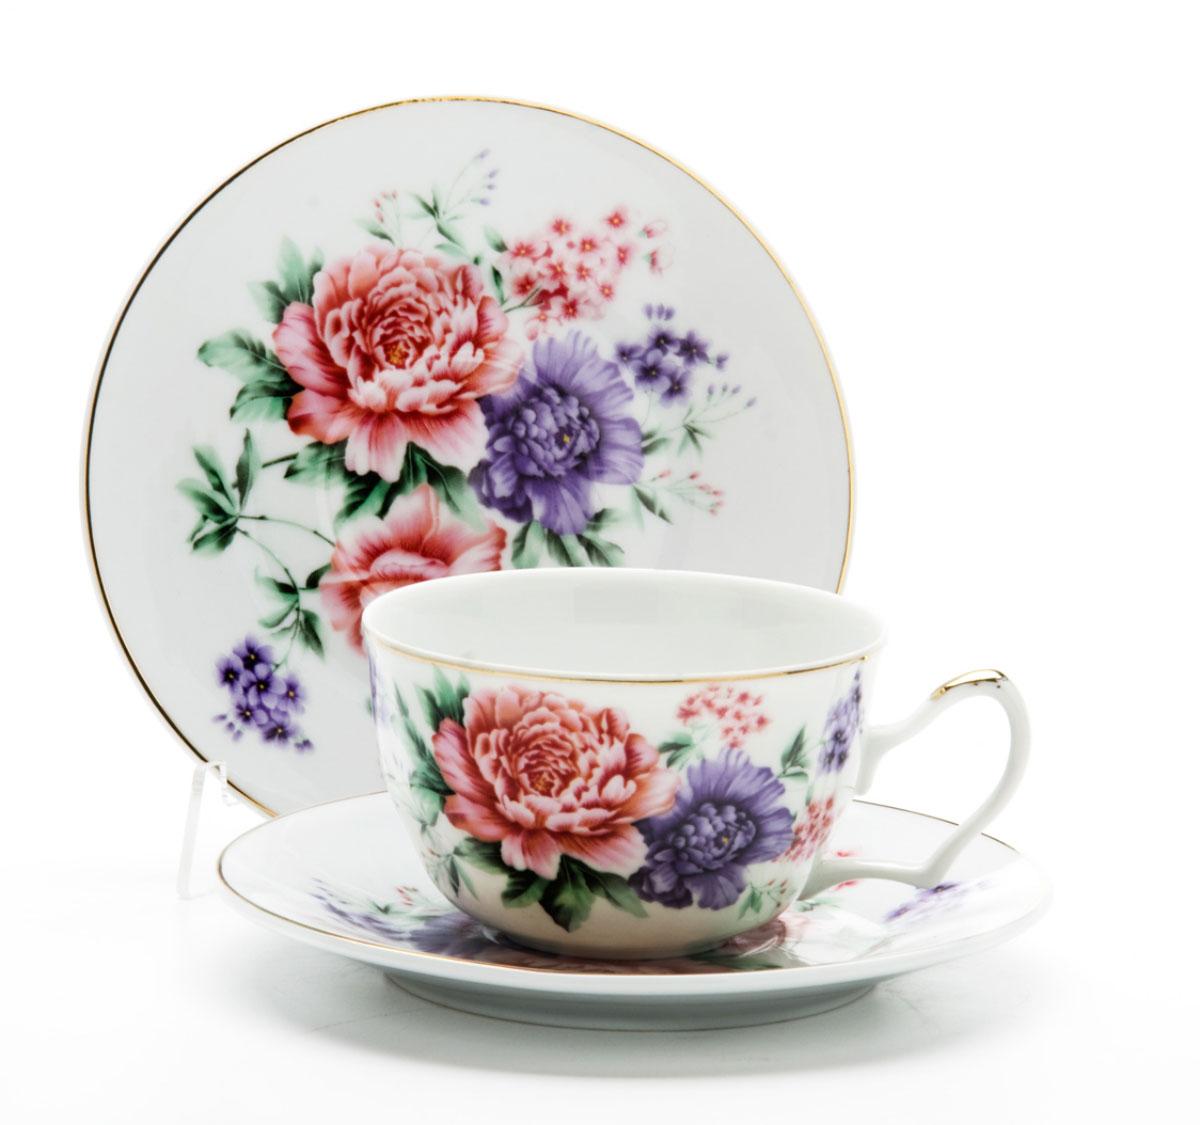 Чайная пара Loraine, 250 мл, 2 предмета. 2459524595Этот чайный набор, выполненный из керамики, состоит из 1 чашки и 1 блюдца. Предметы набора оформлены ярким изображением цветов. Изящный дизайн и красочность оформления придутся по вкусу и ценителям классики, и тем, кто предпочитает утонченность и изысканность. Чайная пара- идеальный и необходимый подарок для вашего дома и для ваших друзей в праздники, юбилеи и торжества! Он также станет отличным корпоративным подарком и украшением любой кухни. Чайная пара упакована в подарочную коробку из плотного цветного картона. Внутренняя часть коробки задрапирована белым атласом.